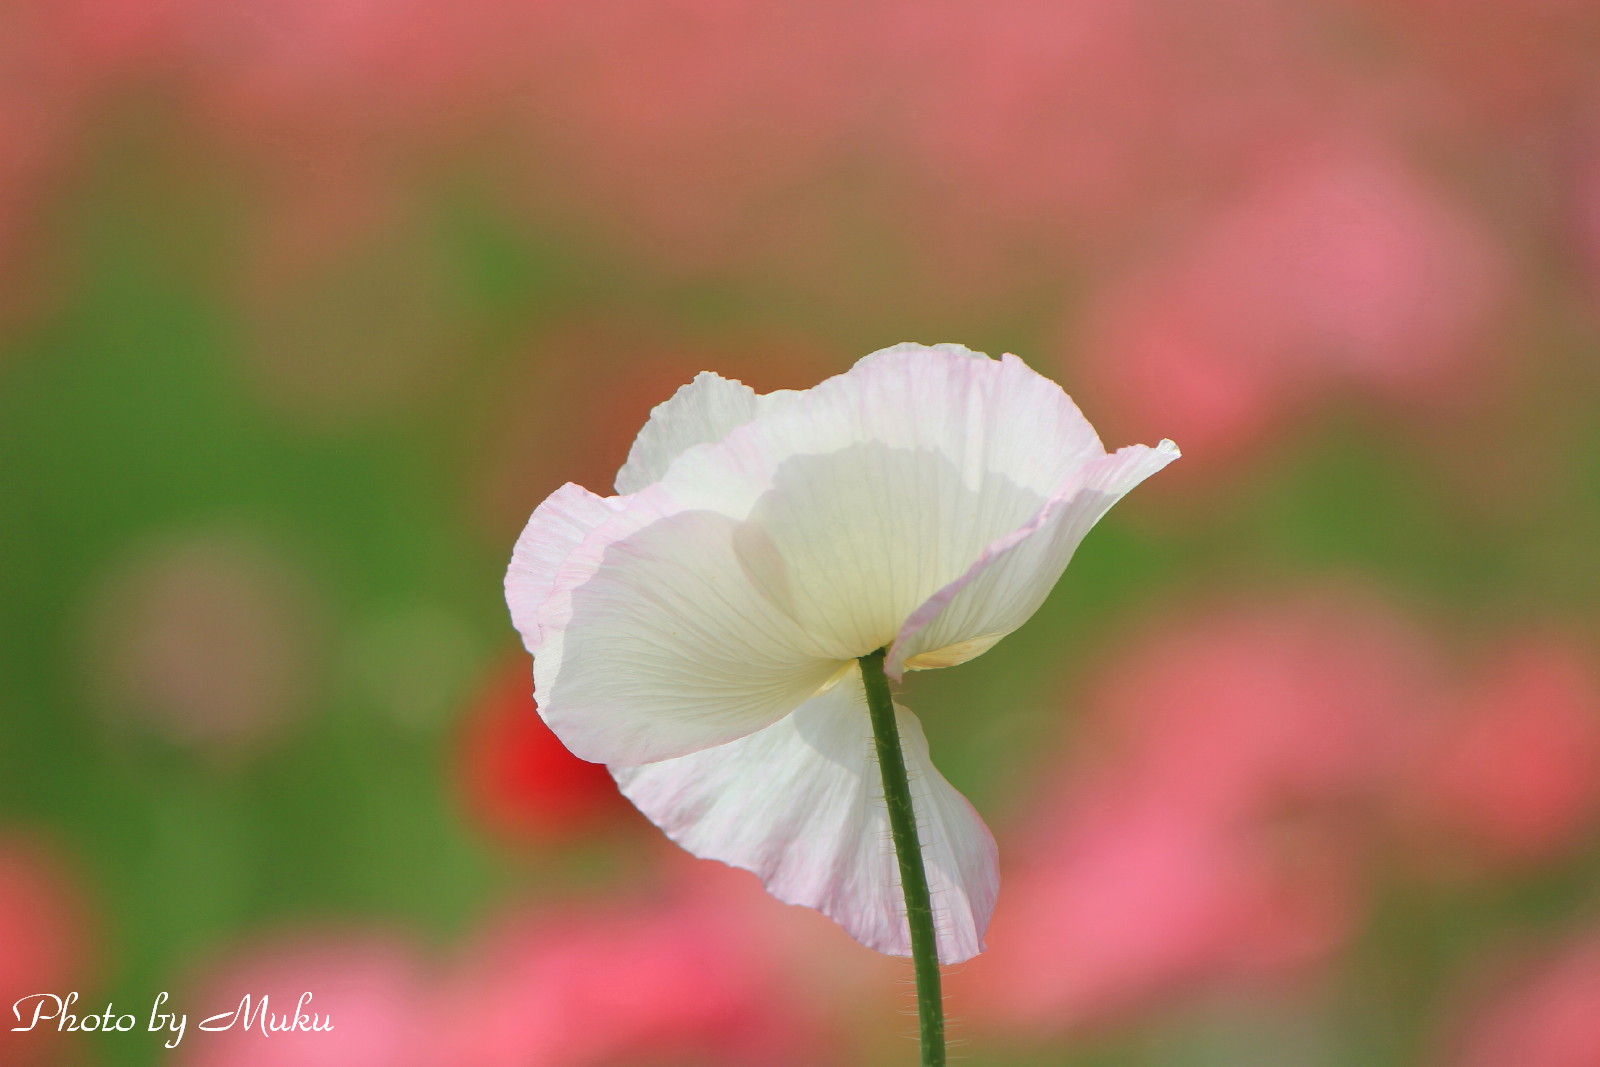 2014/05/25 ポピー(くりはま花の国:神奈川県横須賀市)